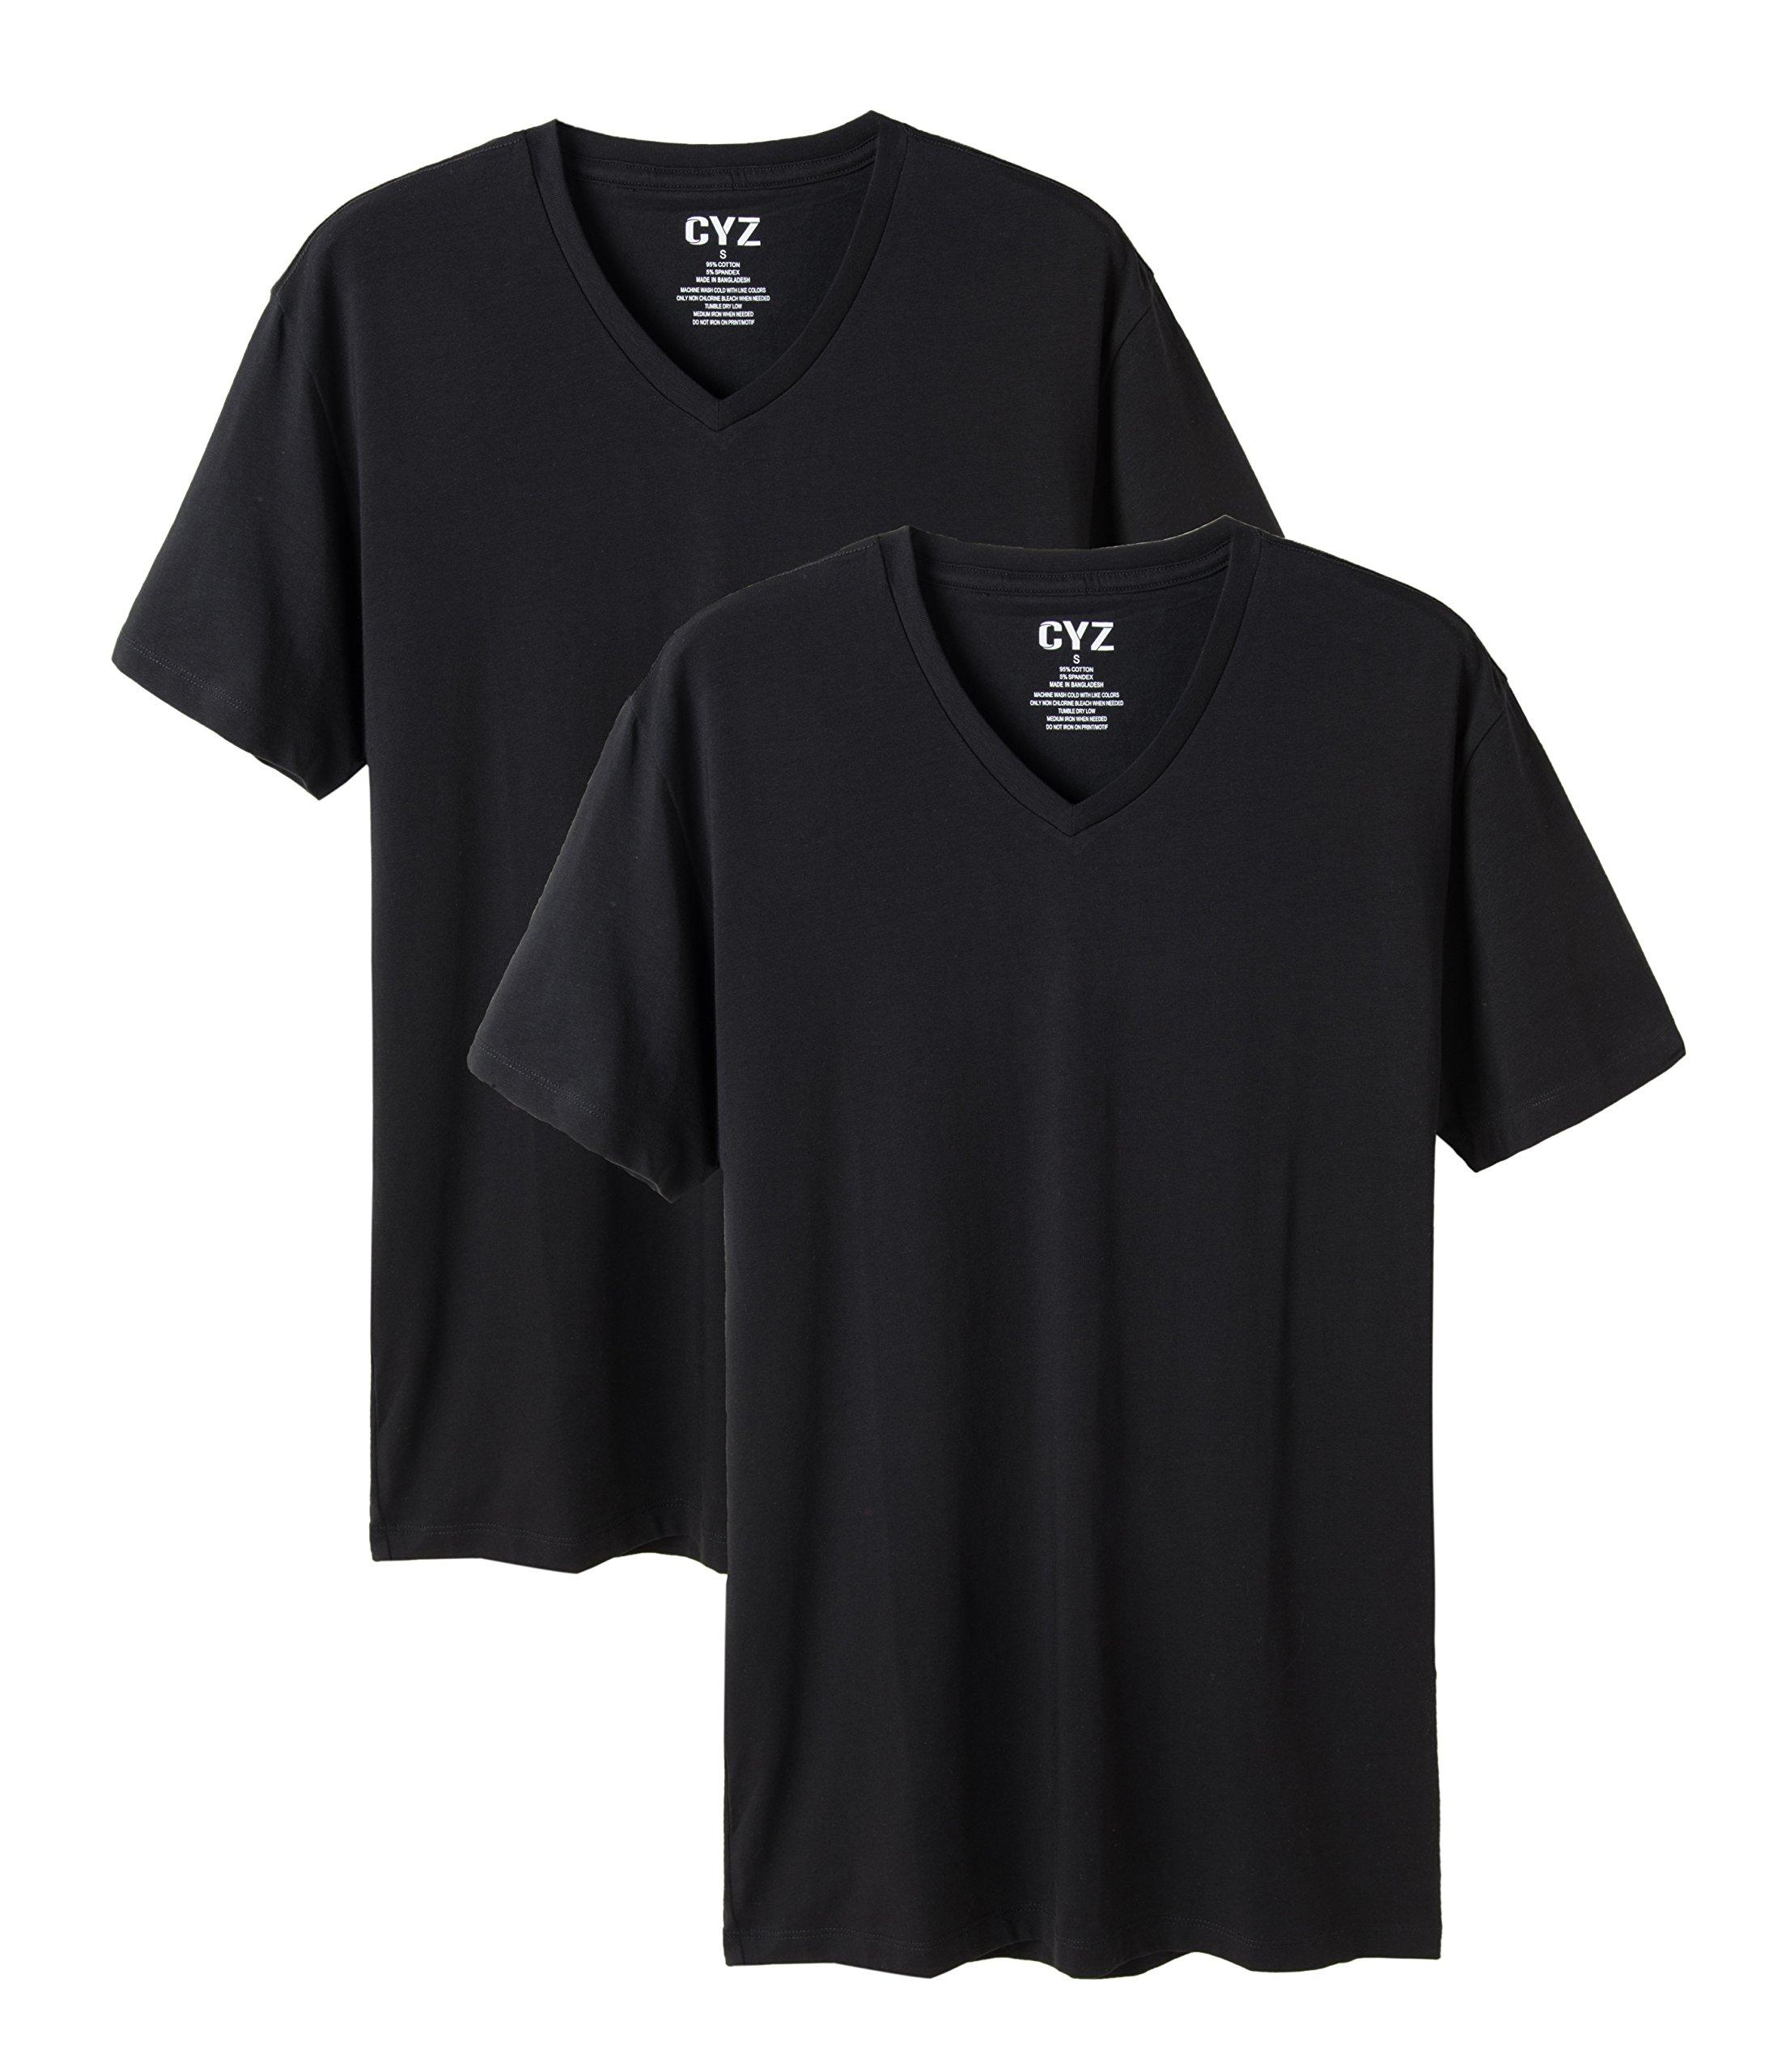 CYZ Mens 2-PK Cotton Stretch V-Neck Fitted T-Shirt-Black-XL